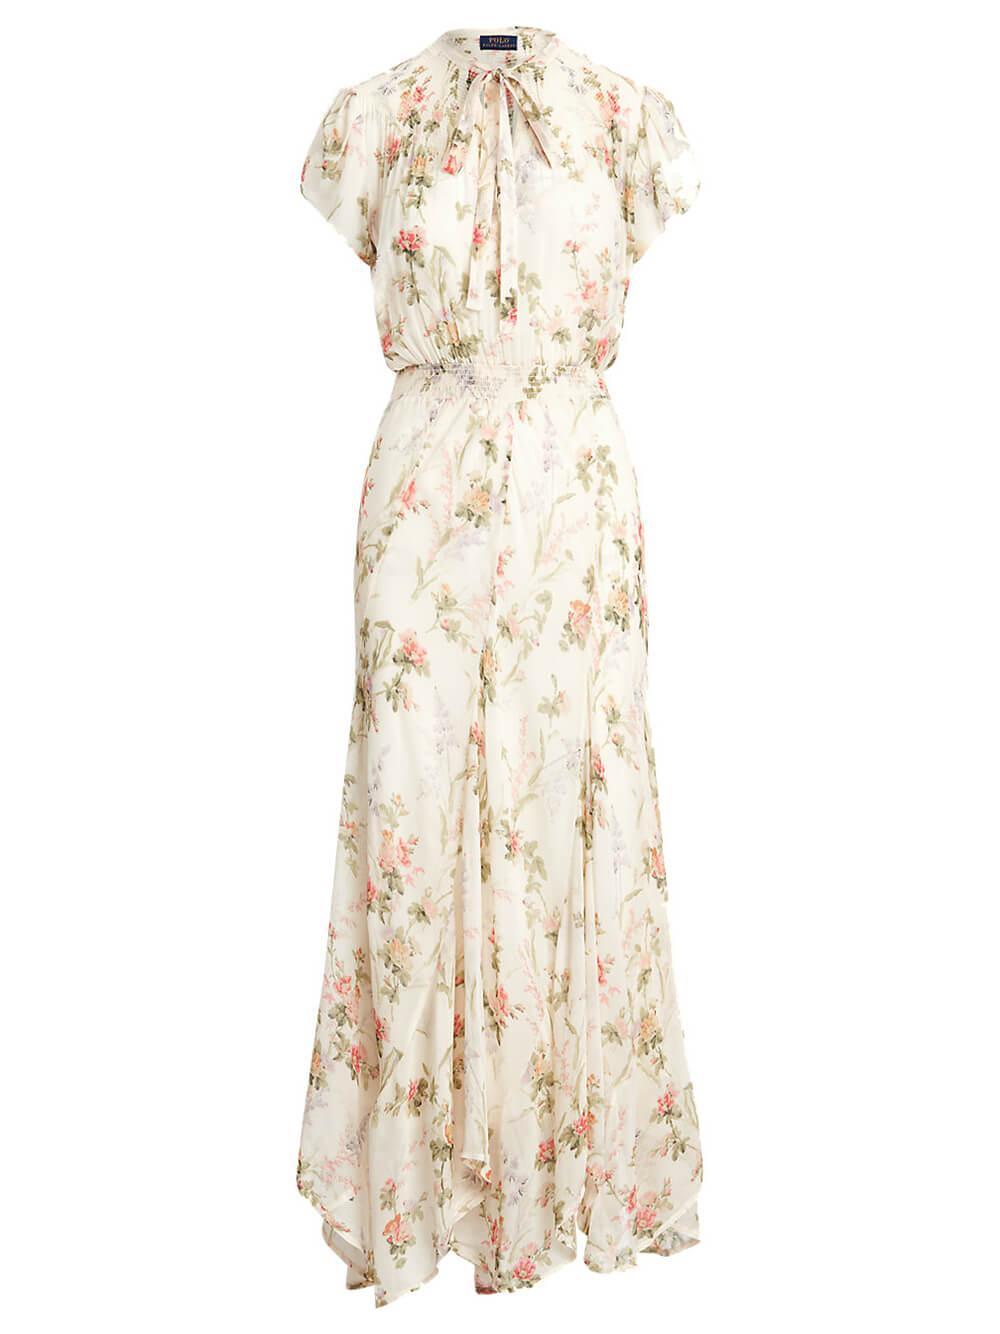 Floral Maxi Dress Item # 211816587001